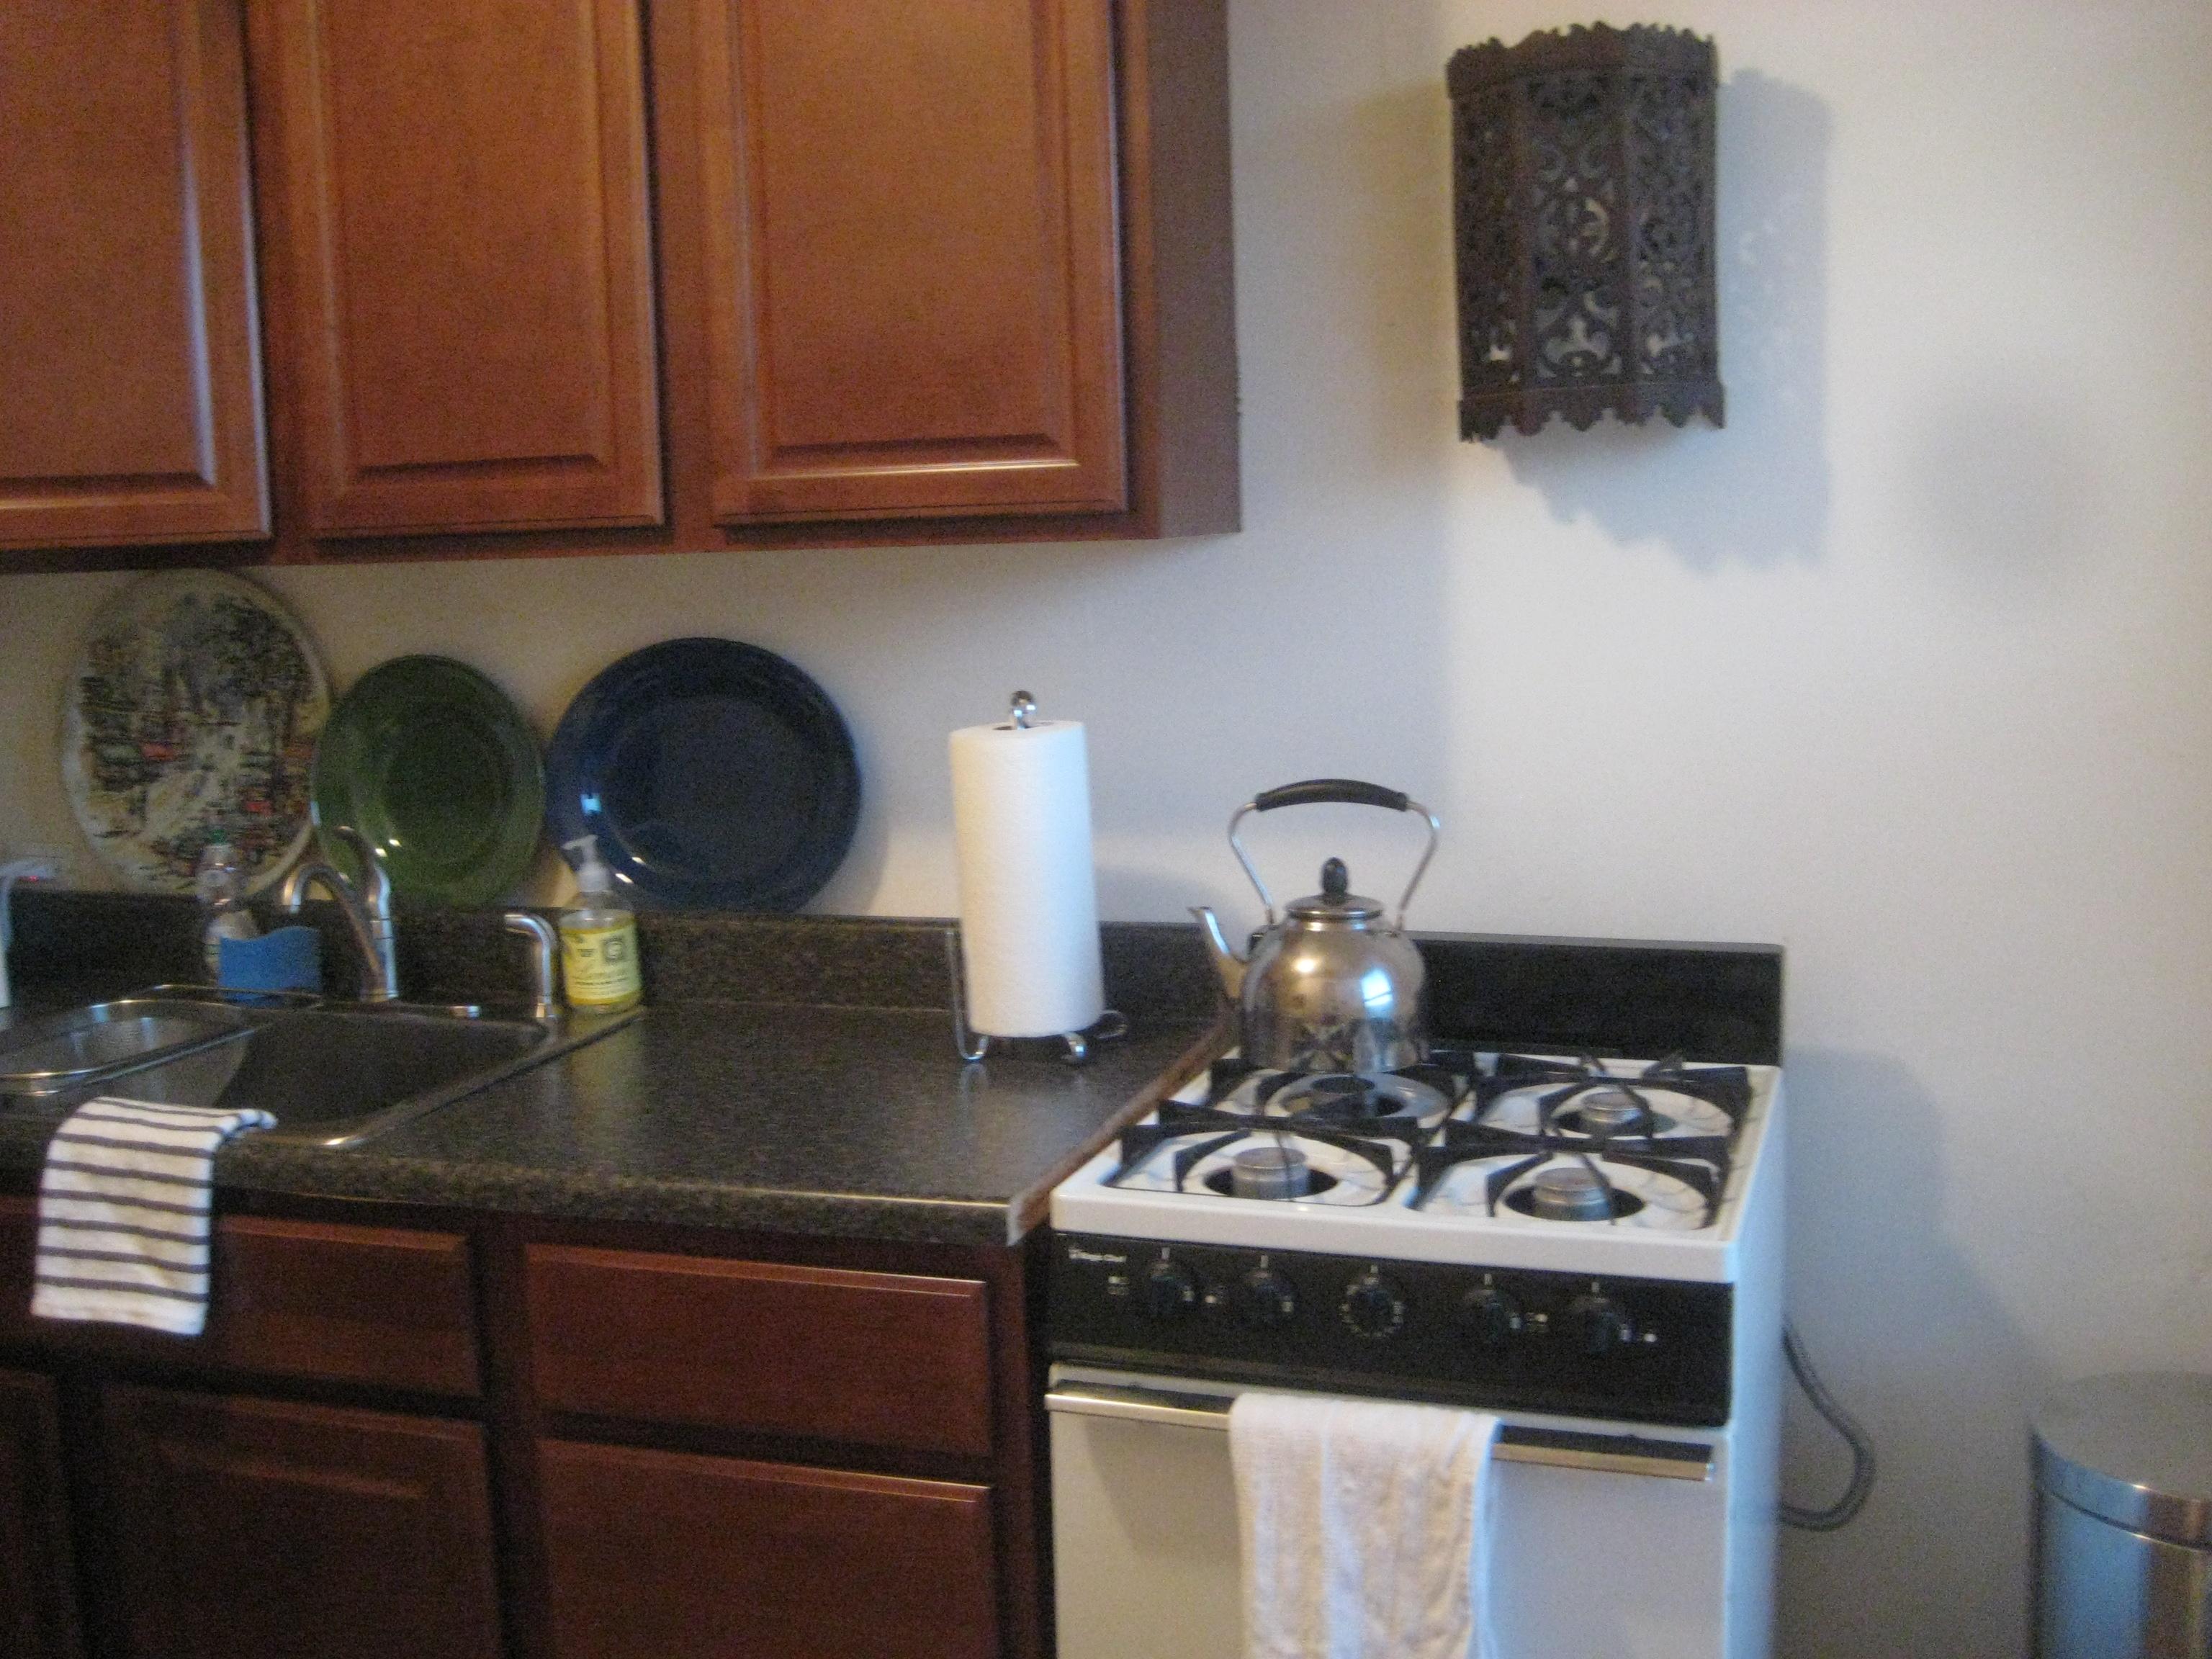 teakettle stove kitchen